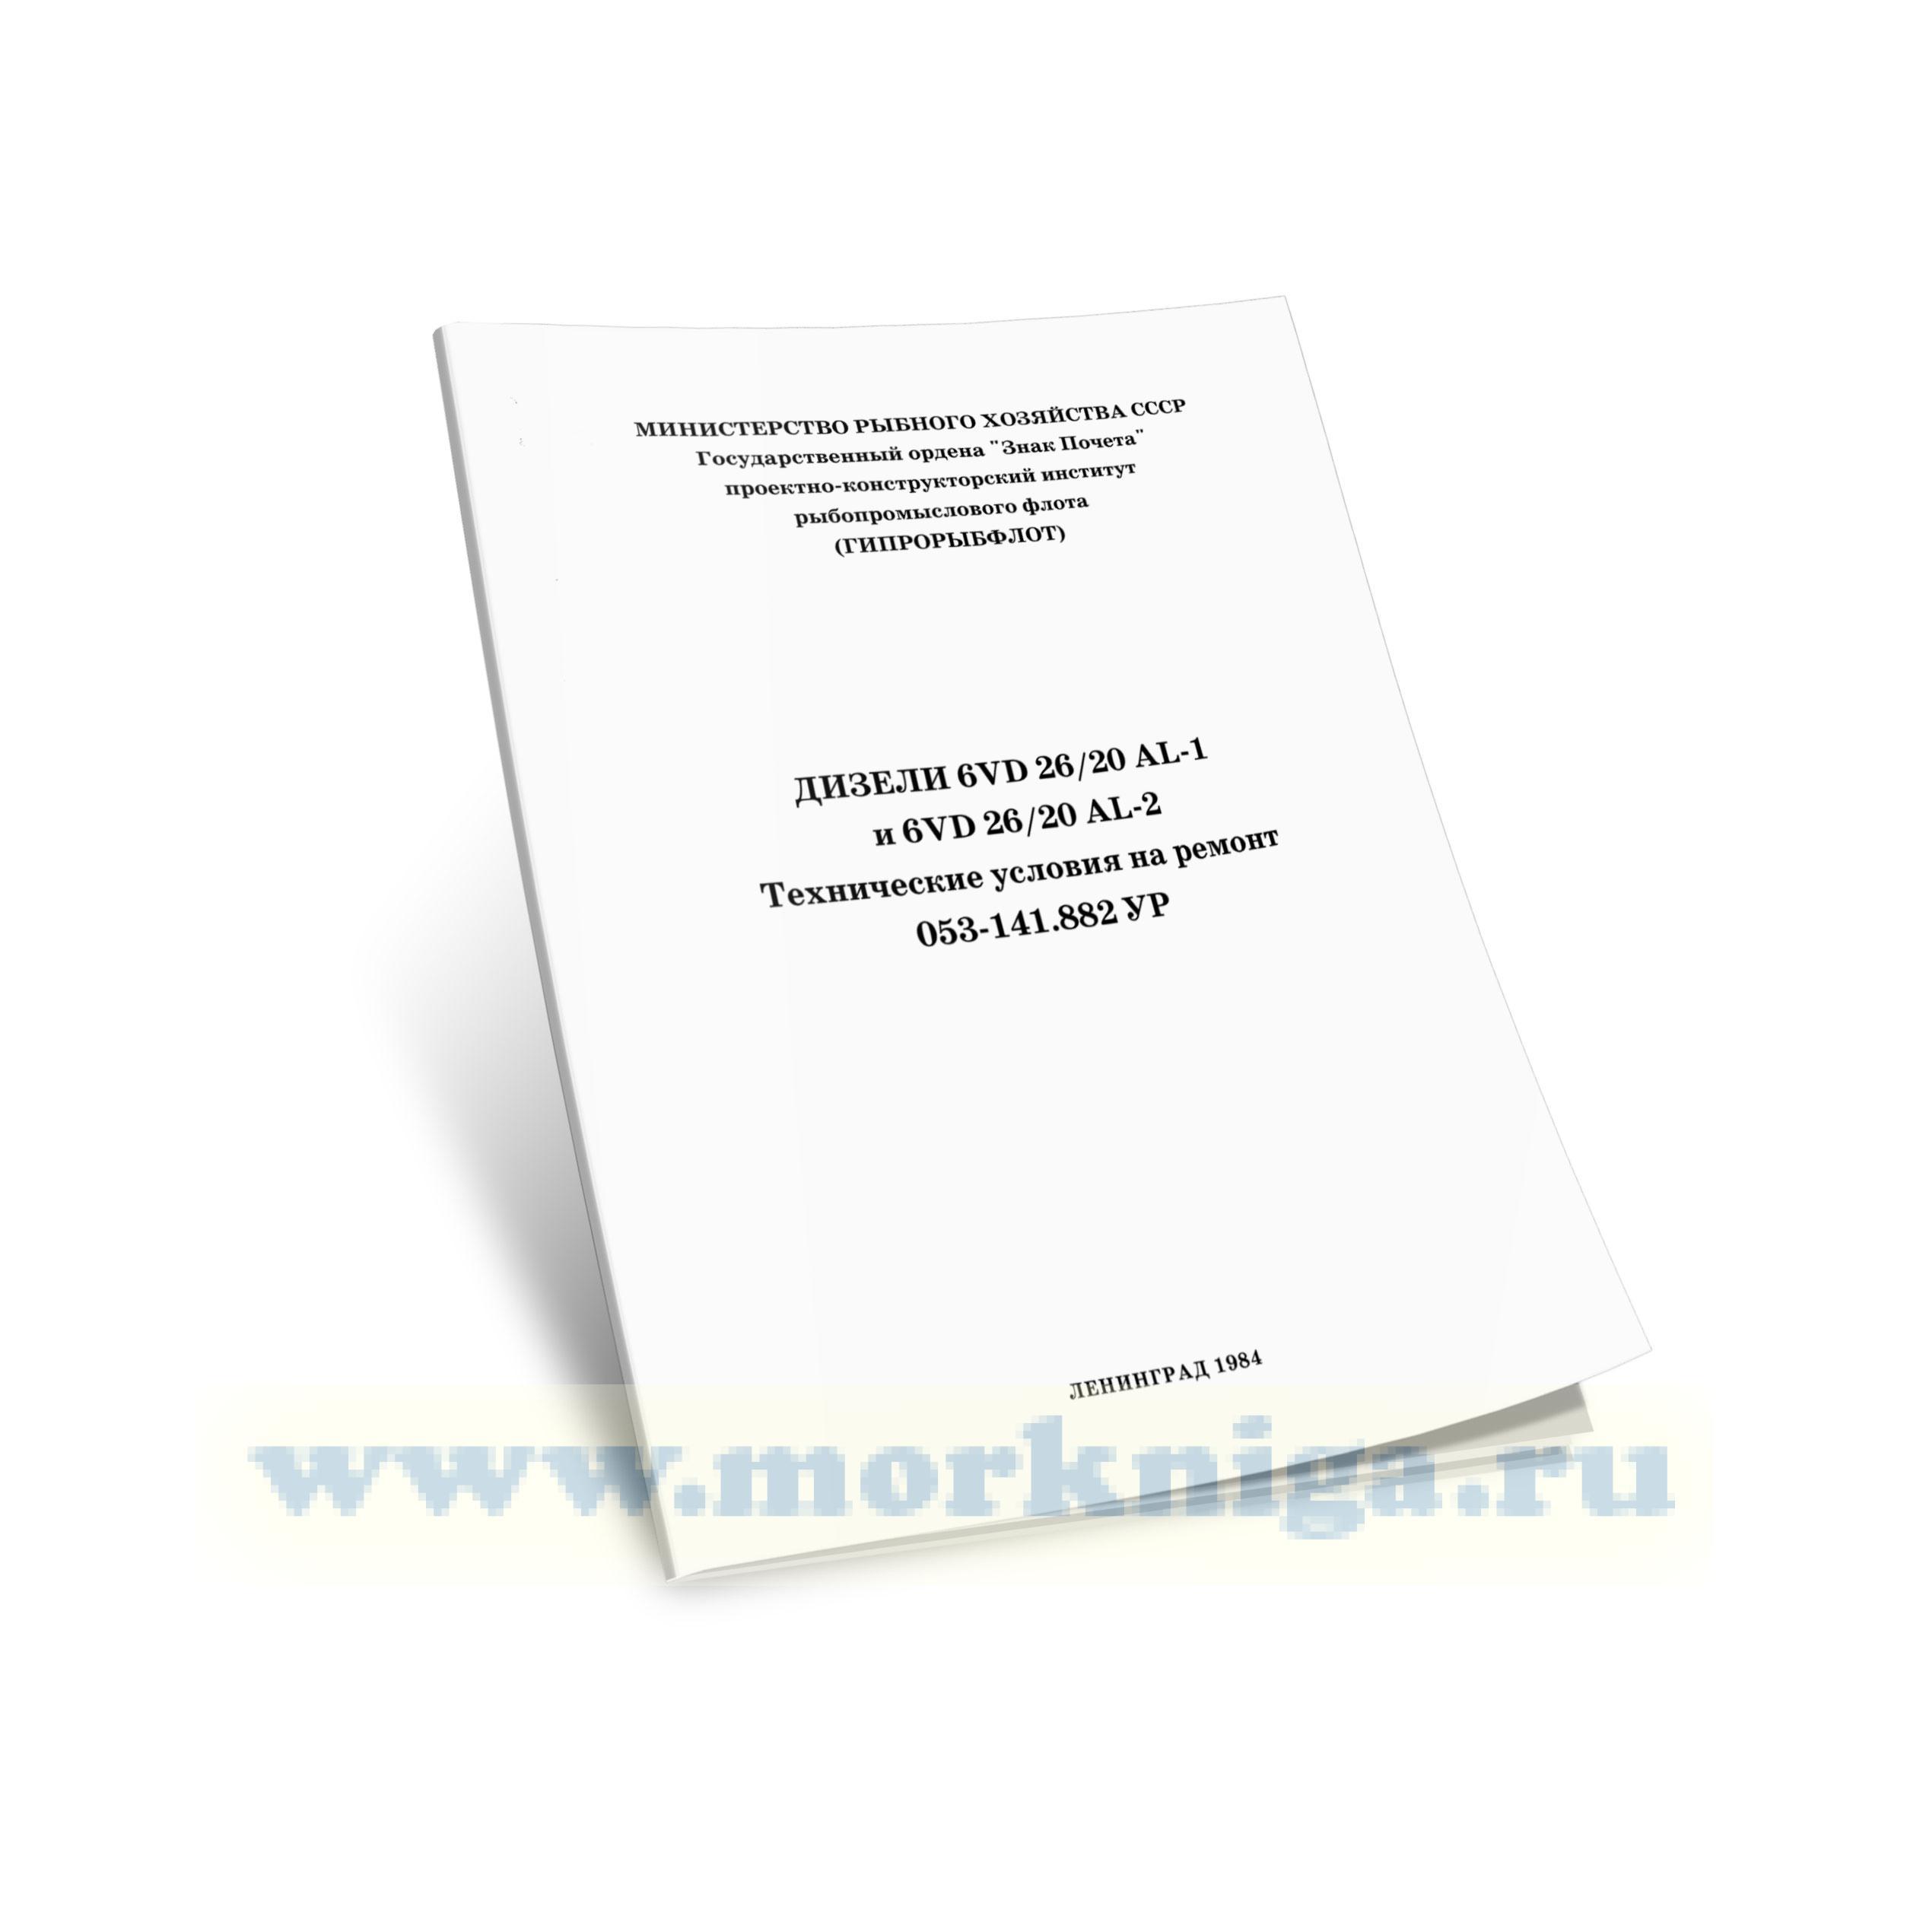 Дизели 6VD 26/20 AL-1 и 6VD 26/20 AL-2. Технические условия на ремонт. 053-141.882 УР